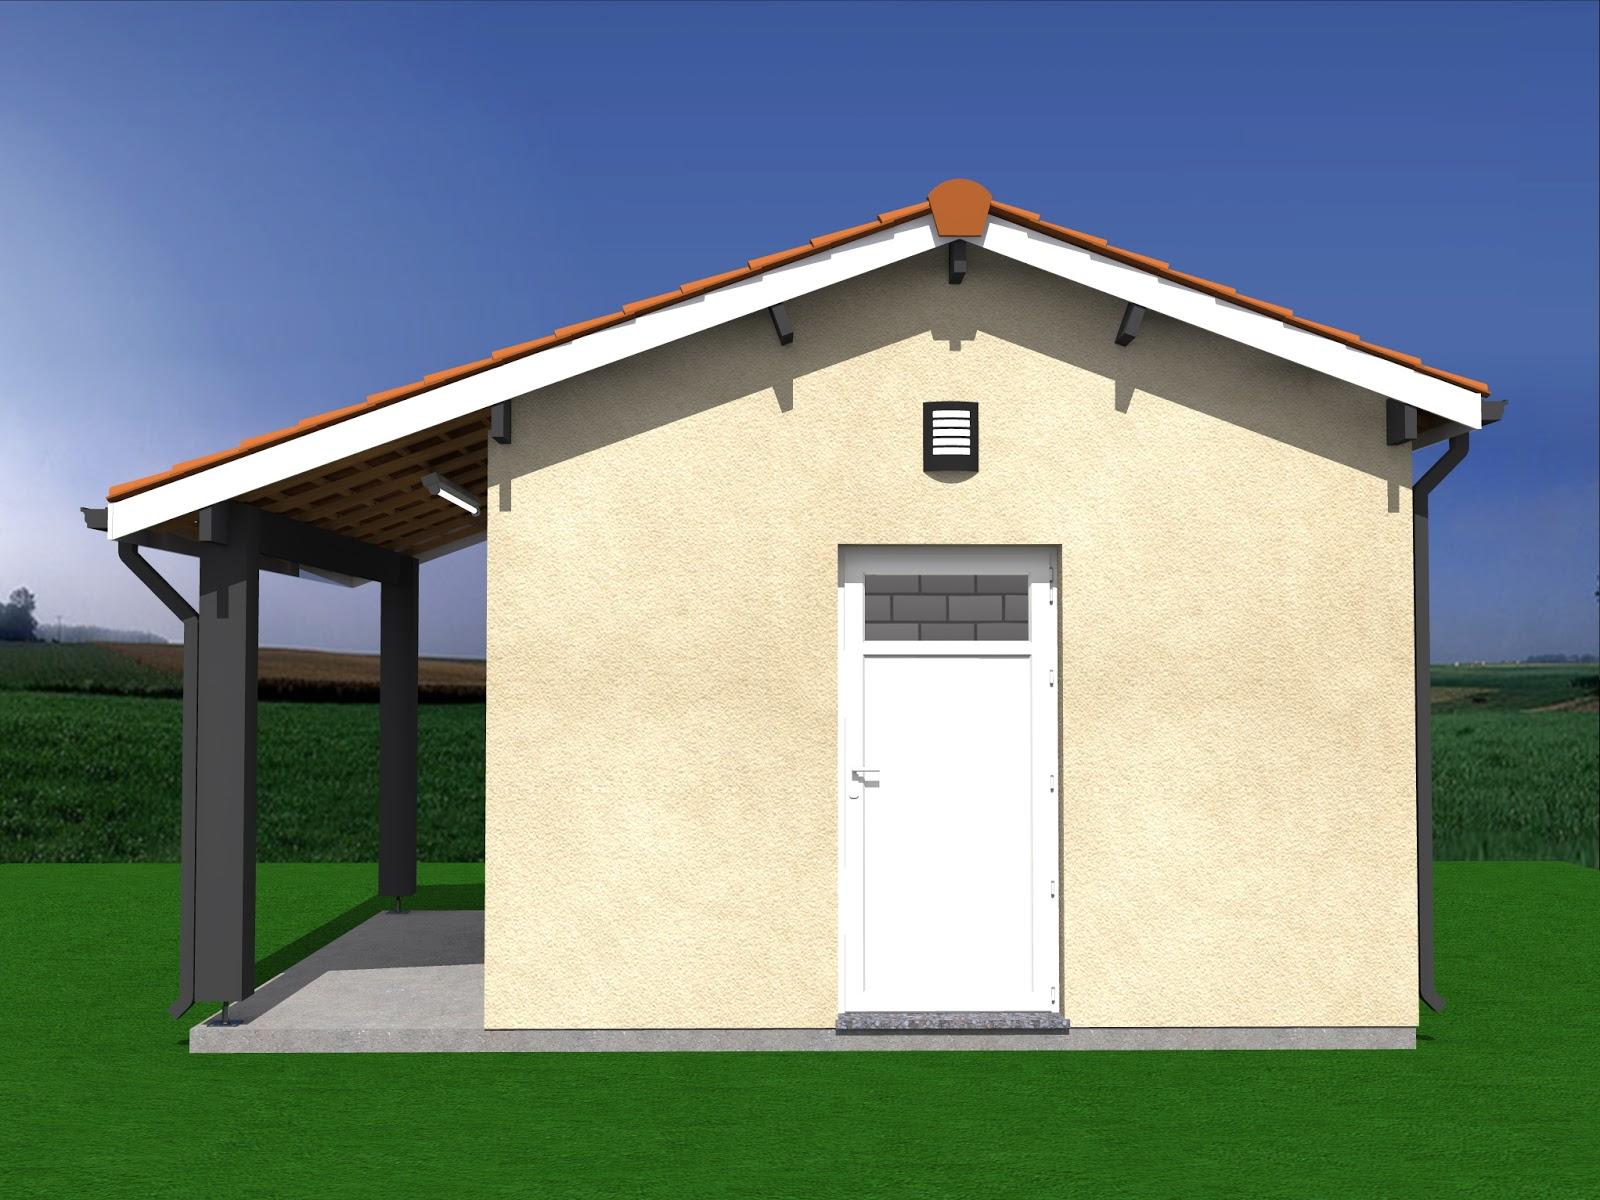 Projet de construction abri de jardin auvent 20m2 for Construire un abri de jardin